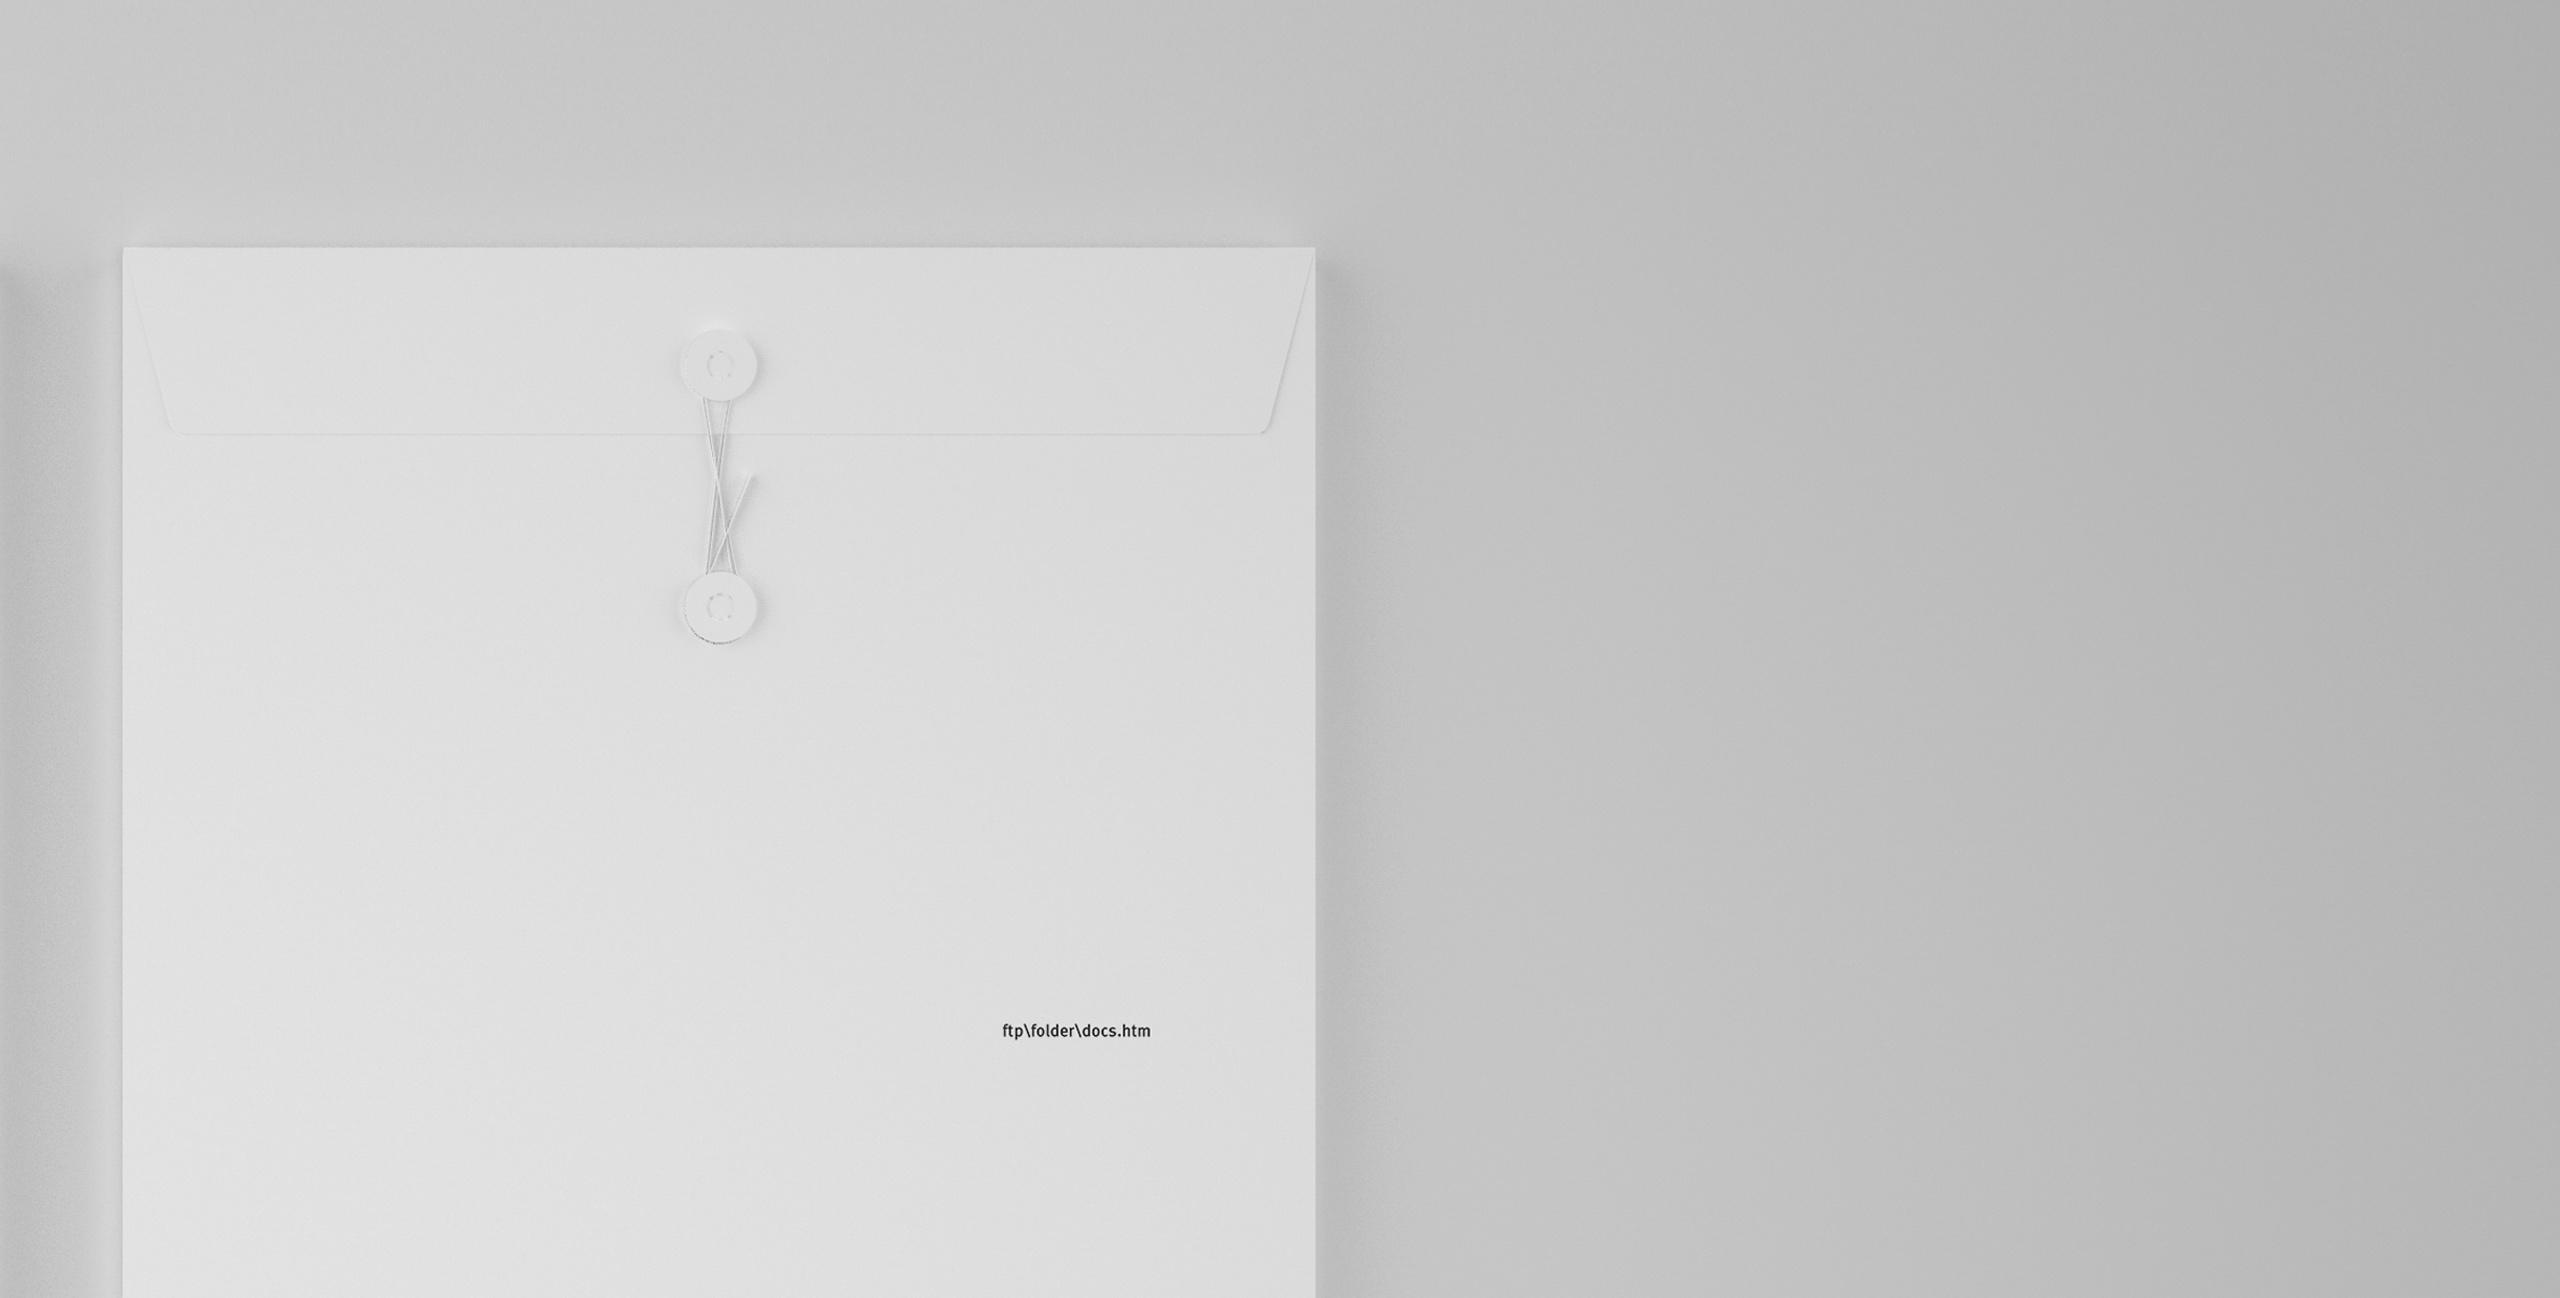 koldogonzalez-carpeta-detalle